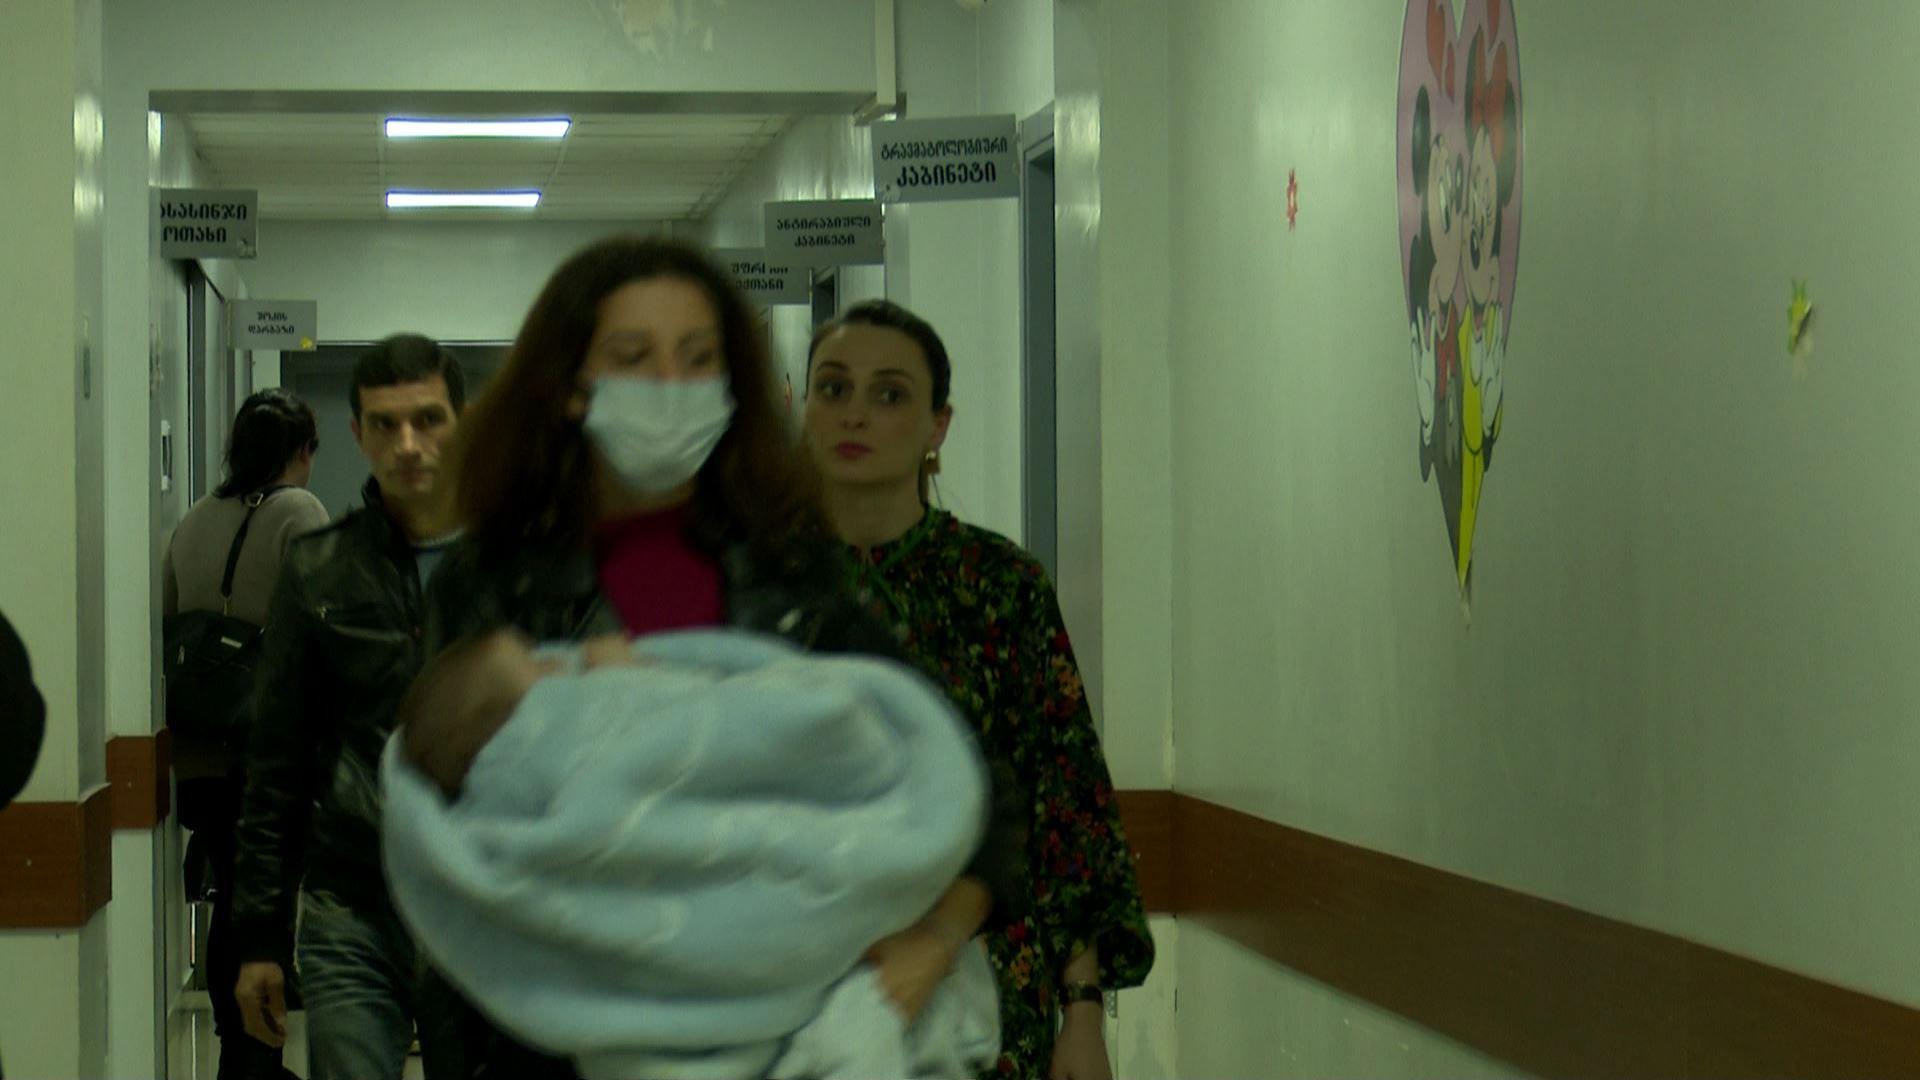 სეზონური ვირუსების გამო ბავშვთა საავადმყოფოში მიმართვიანობა გაიზარდა